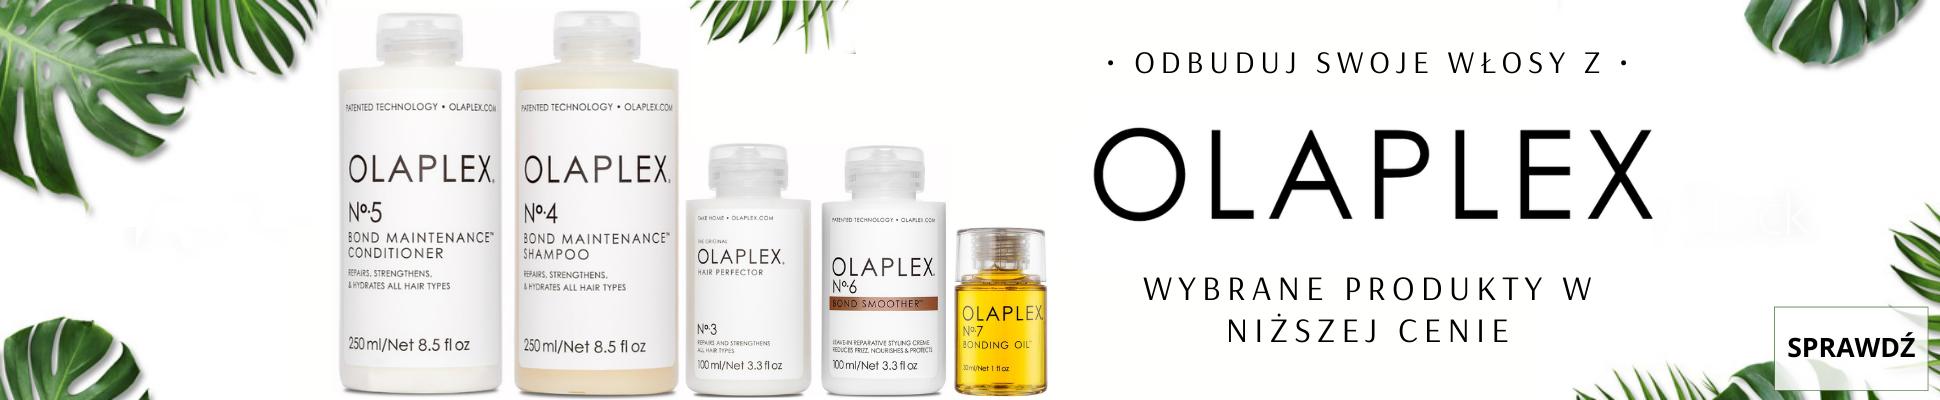 Olaplex Wybrane produkty taniej regeneracja z olaplexem